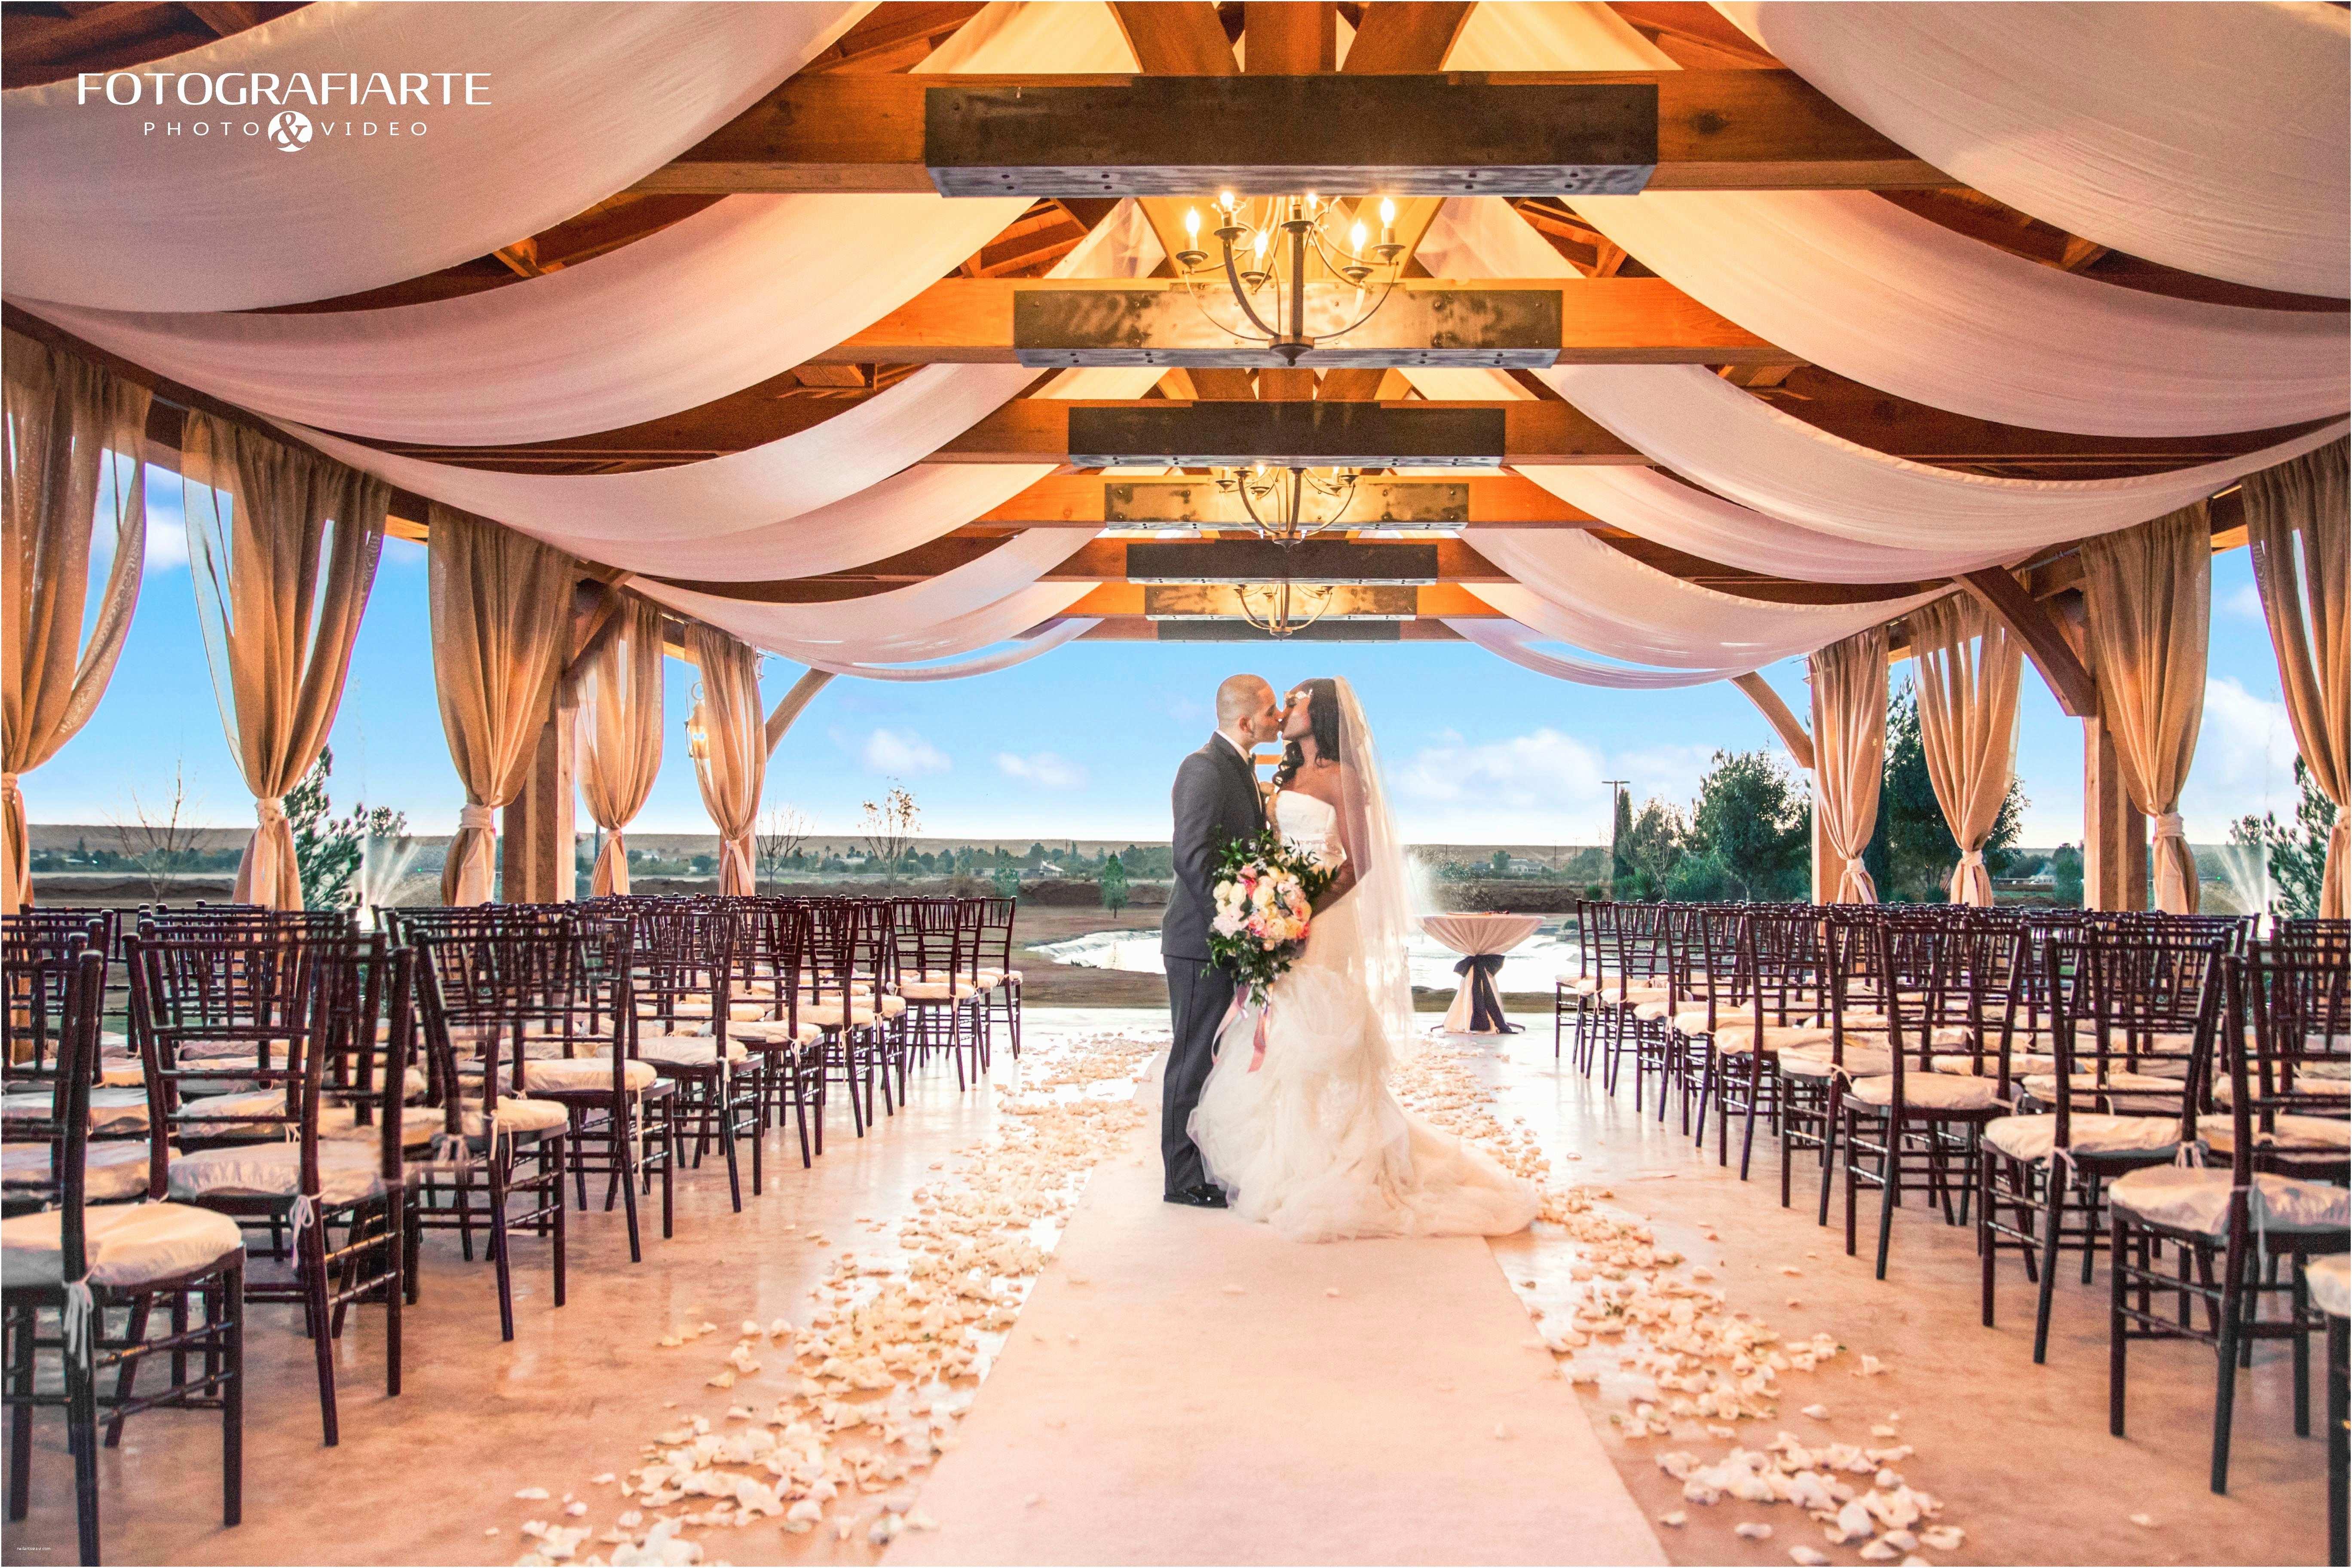 Wedding Invitations El Paso Tx Grace Gardens event Center El Paso Tx